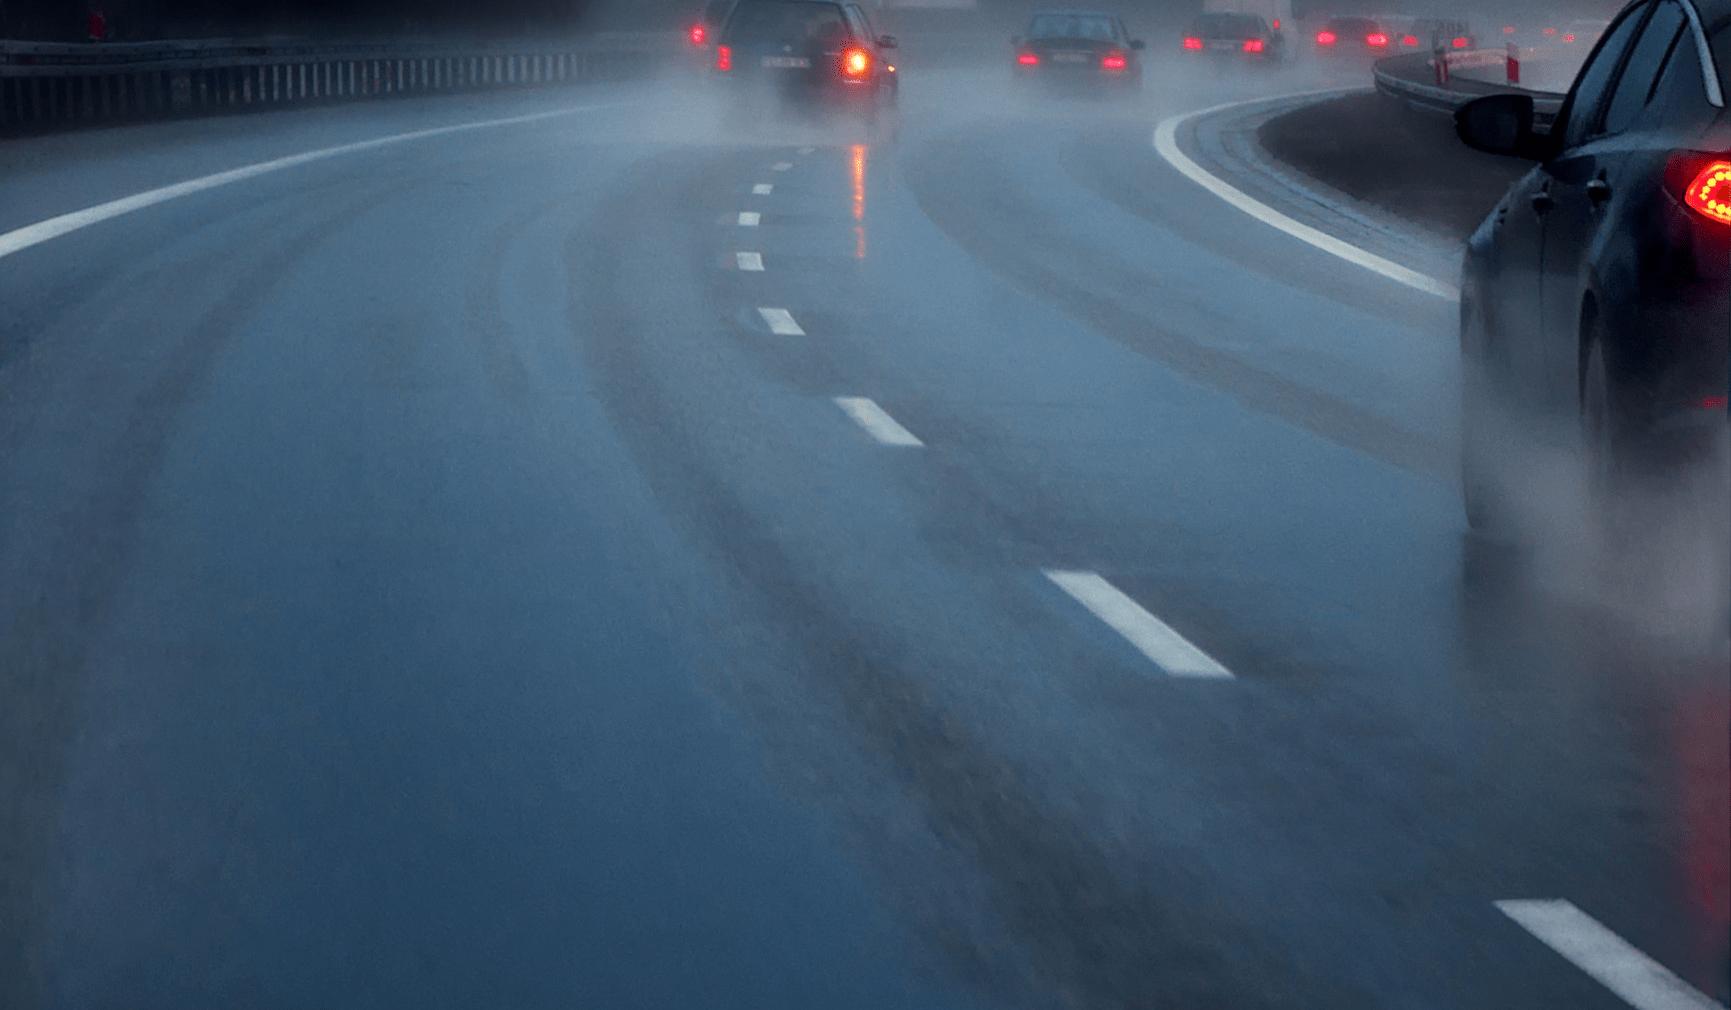 Unfall Stau Regen Schnee Strasse